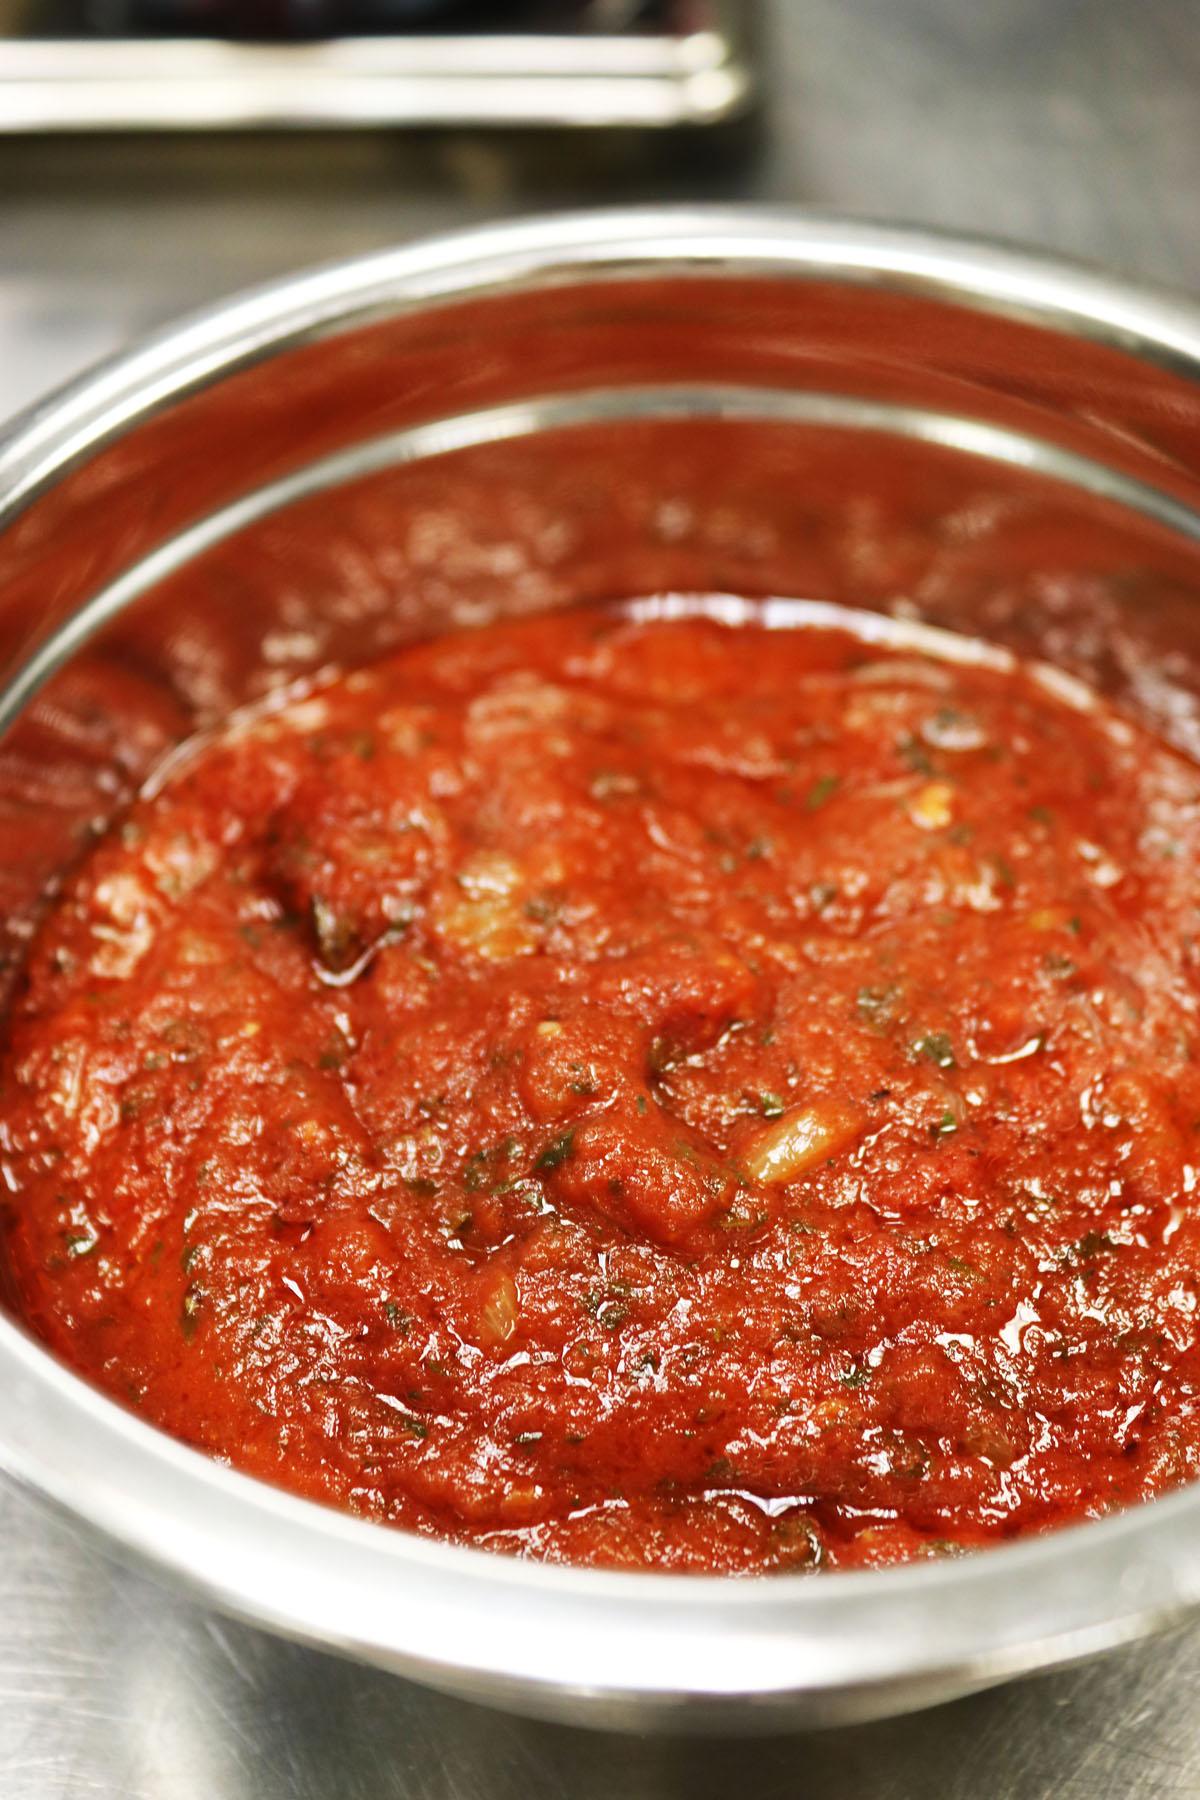 Leftover tomato sauce